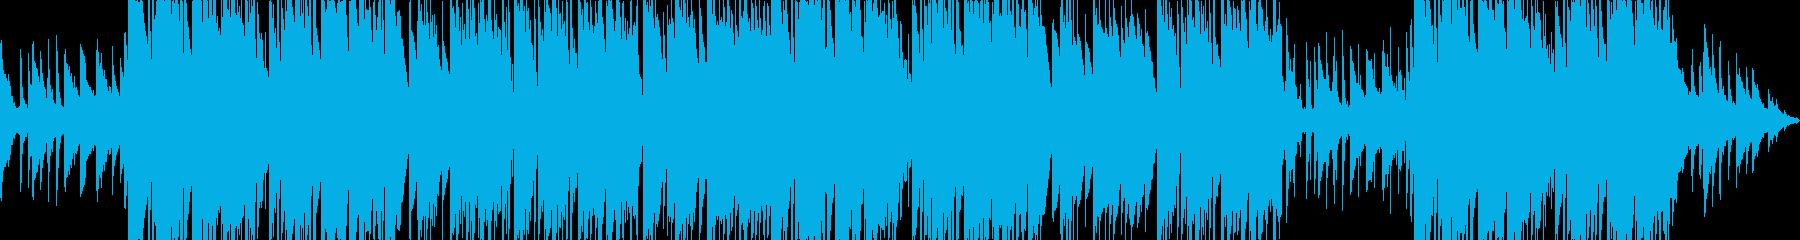 切ない哀愁系のピアノトラップビートの再生済みの波形